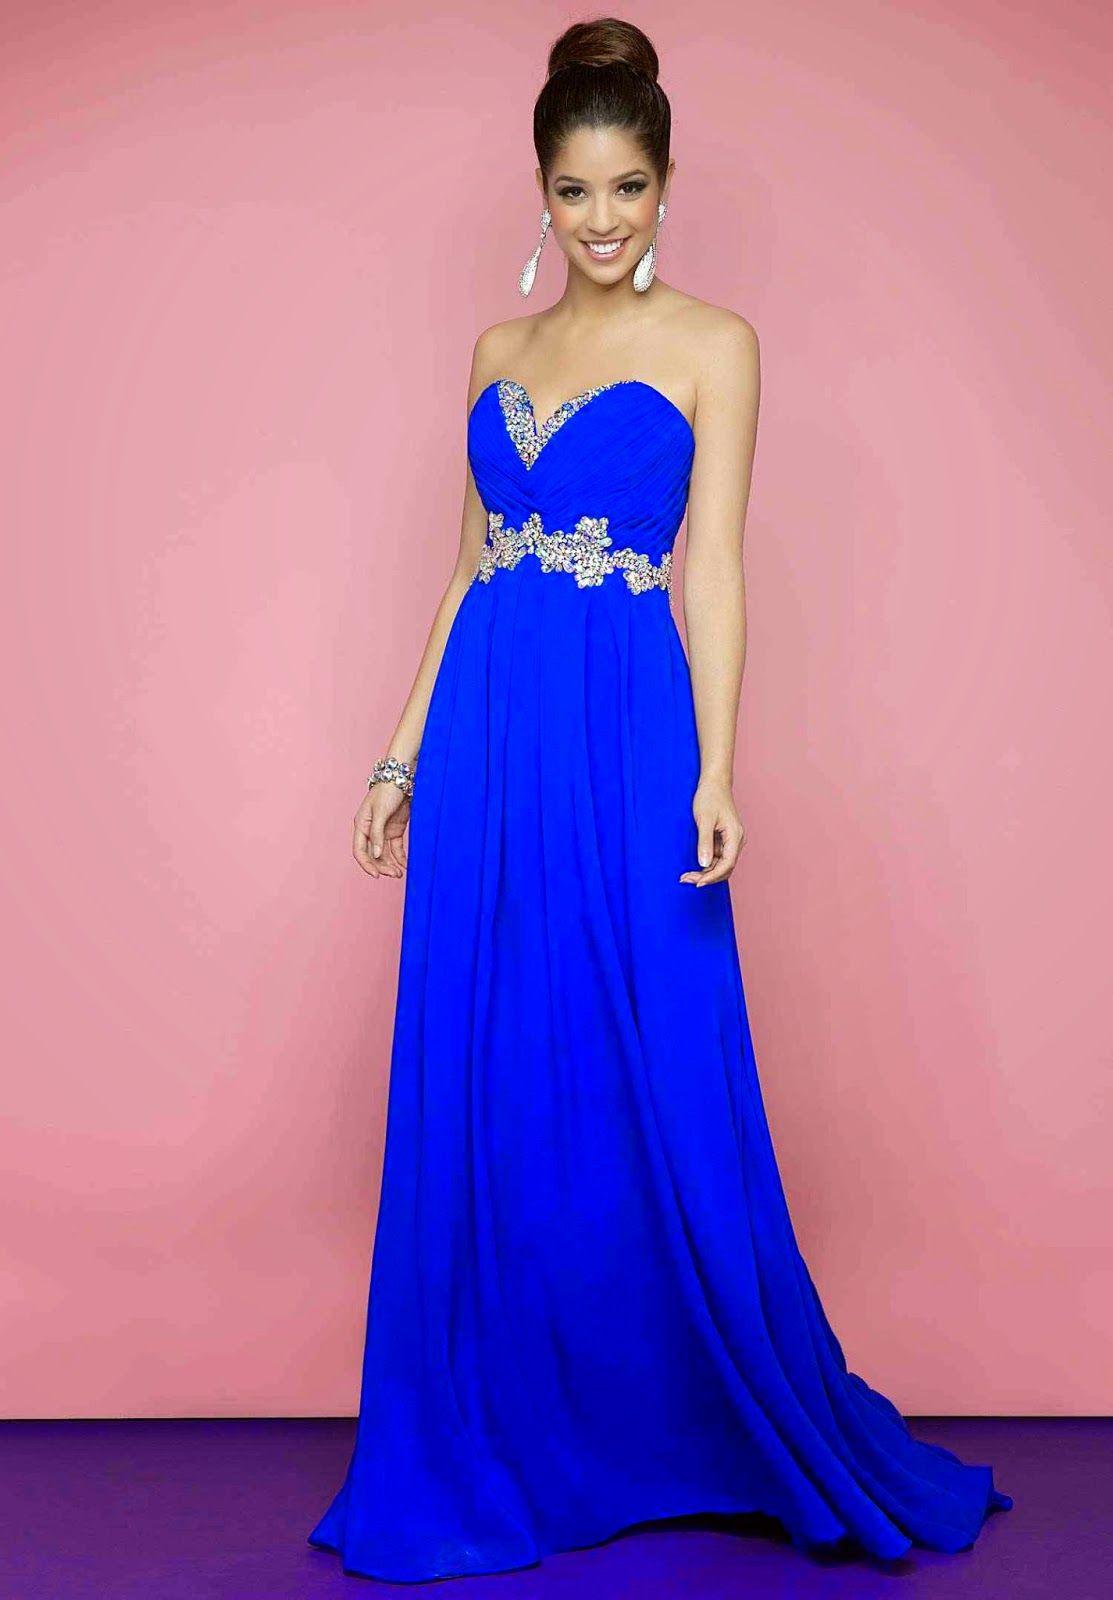 Estupendos vestidos de fiesta | Moda y Tendencias | vestidos ...